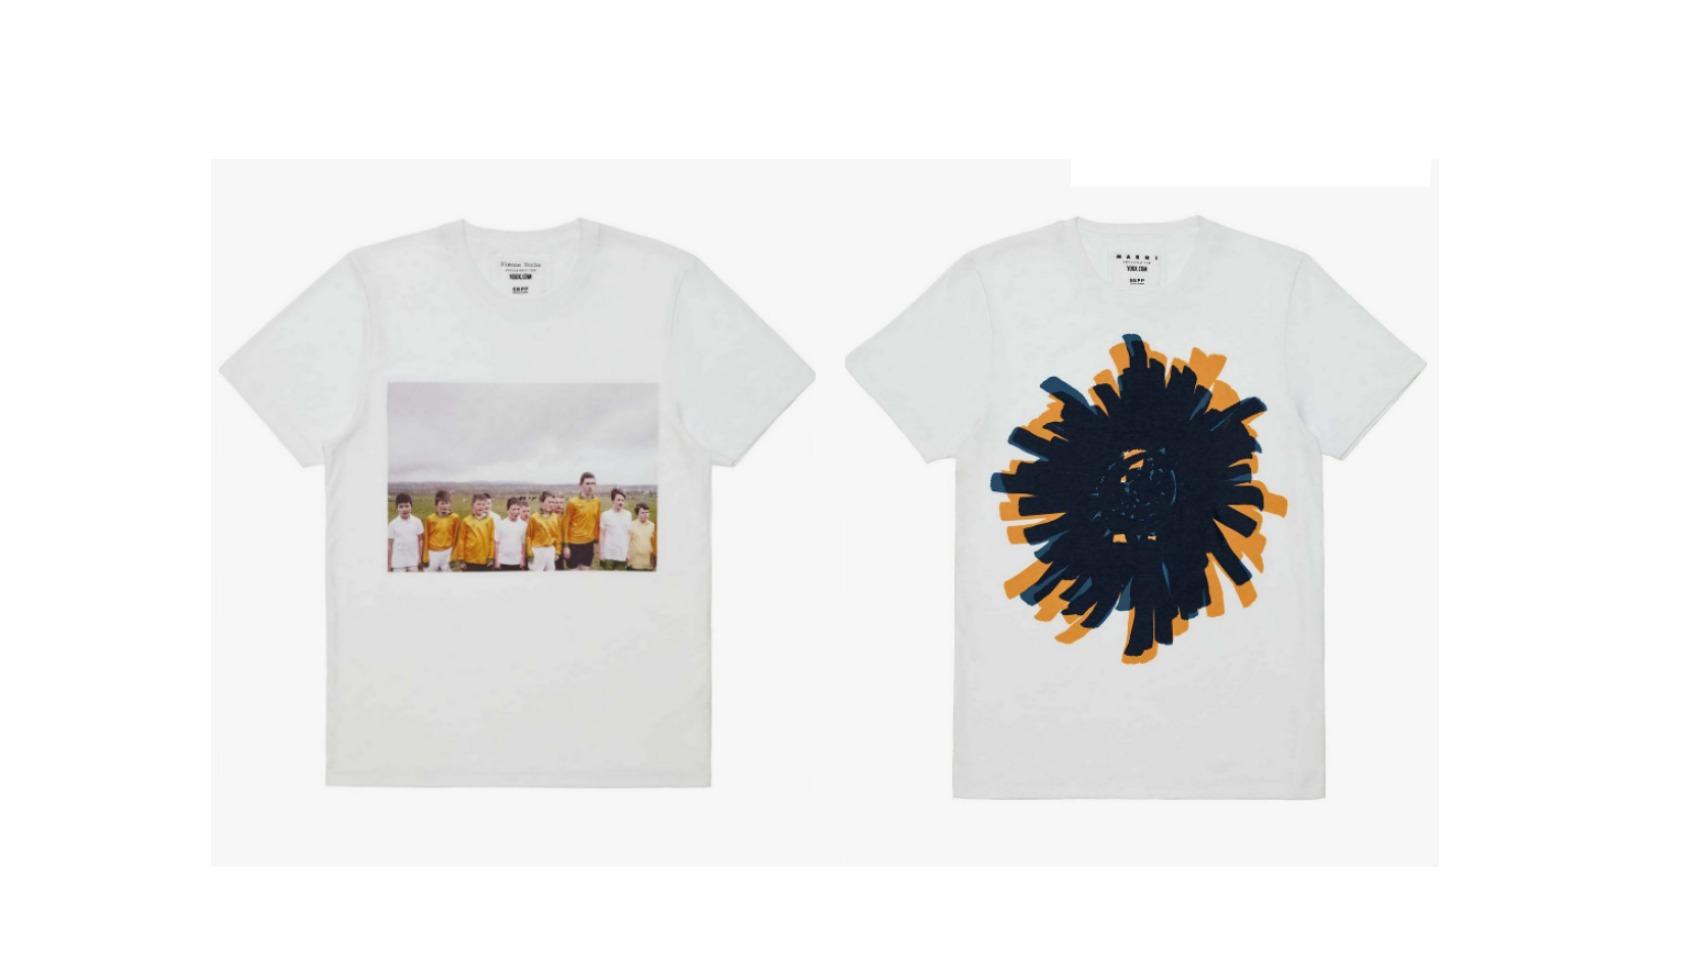 De izqda. a dcha. Camisetas de Simone Rocha (Irlanda) y Marni (Italia).